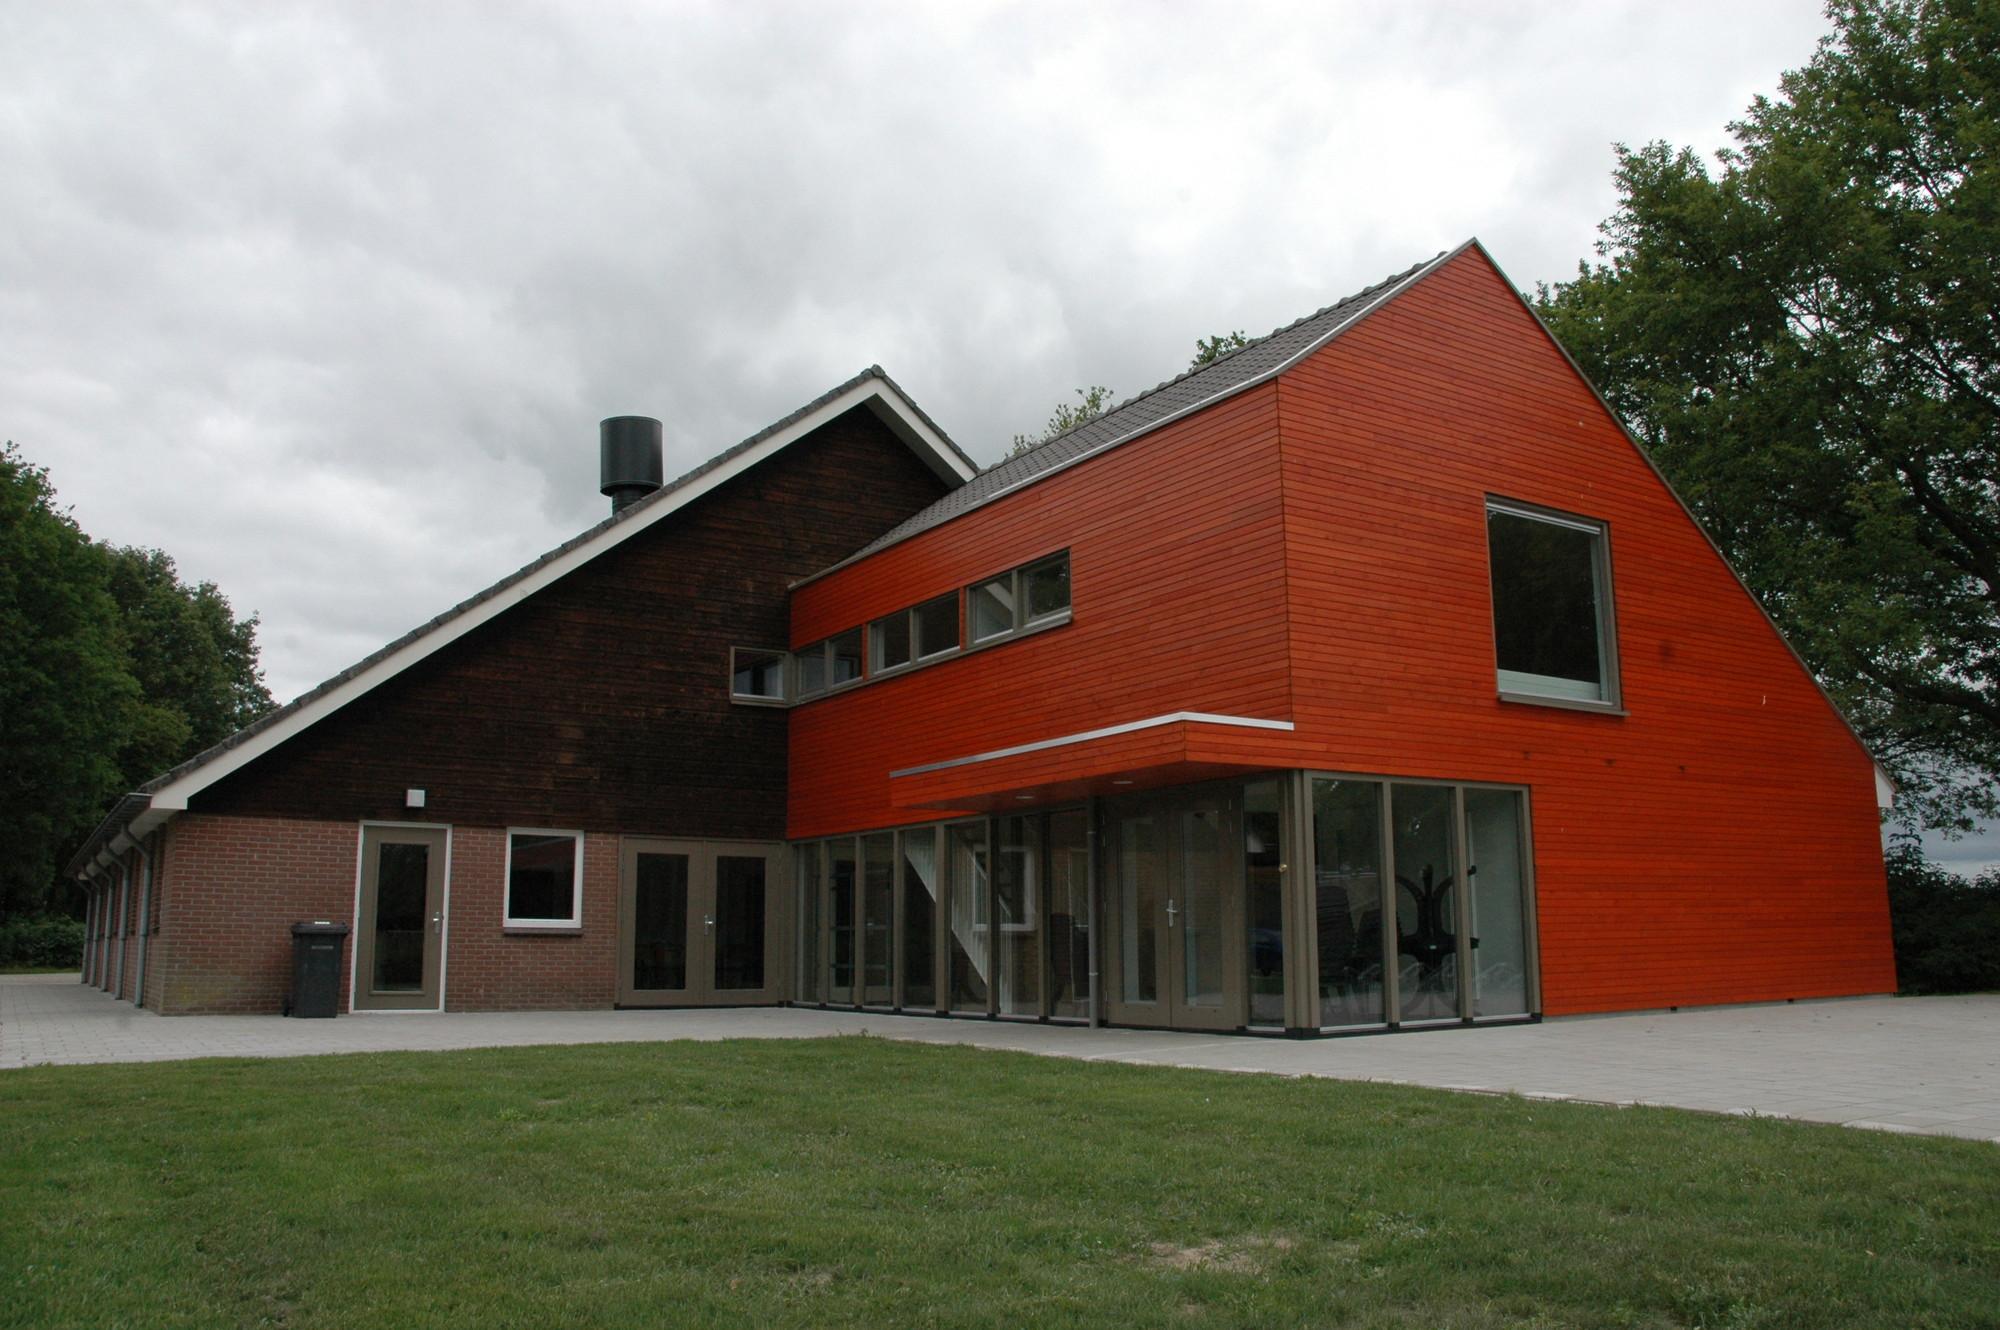 Dorpshuis-de-Hesselerhof-in-Oosterhesselen